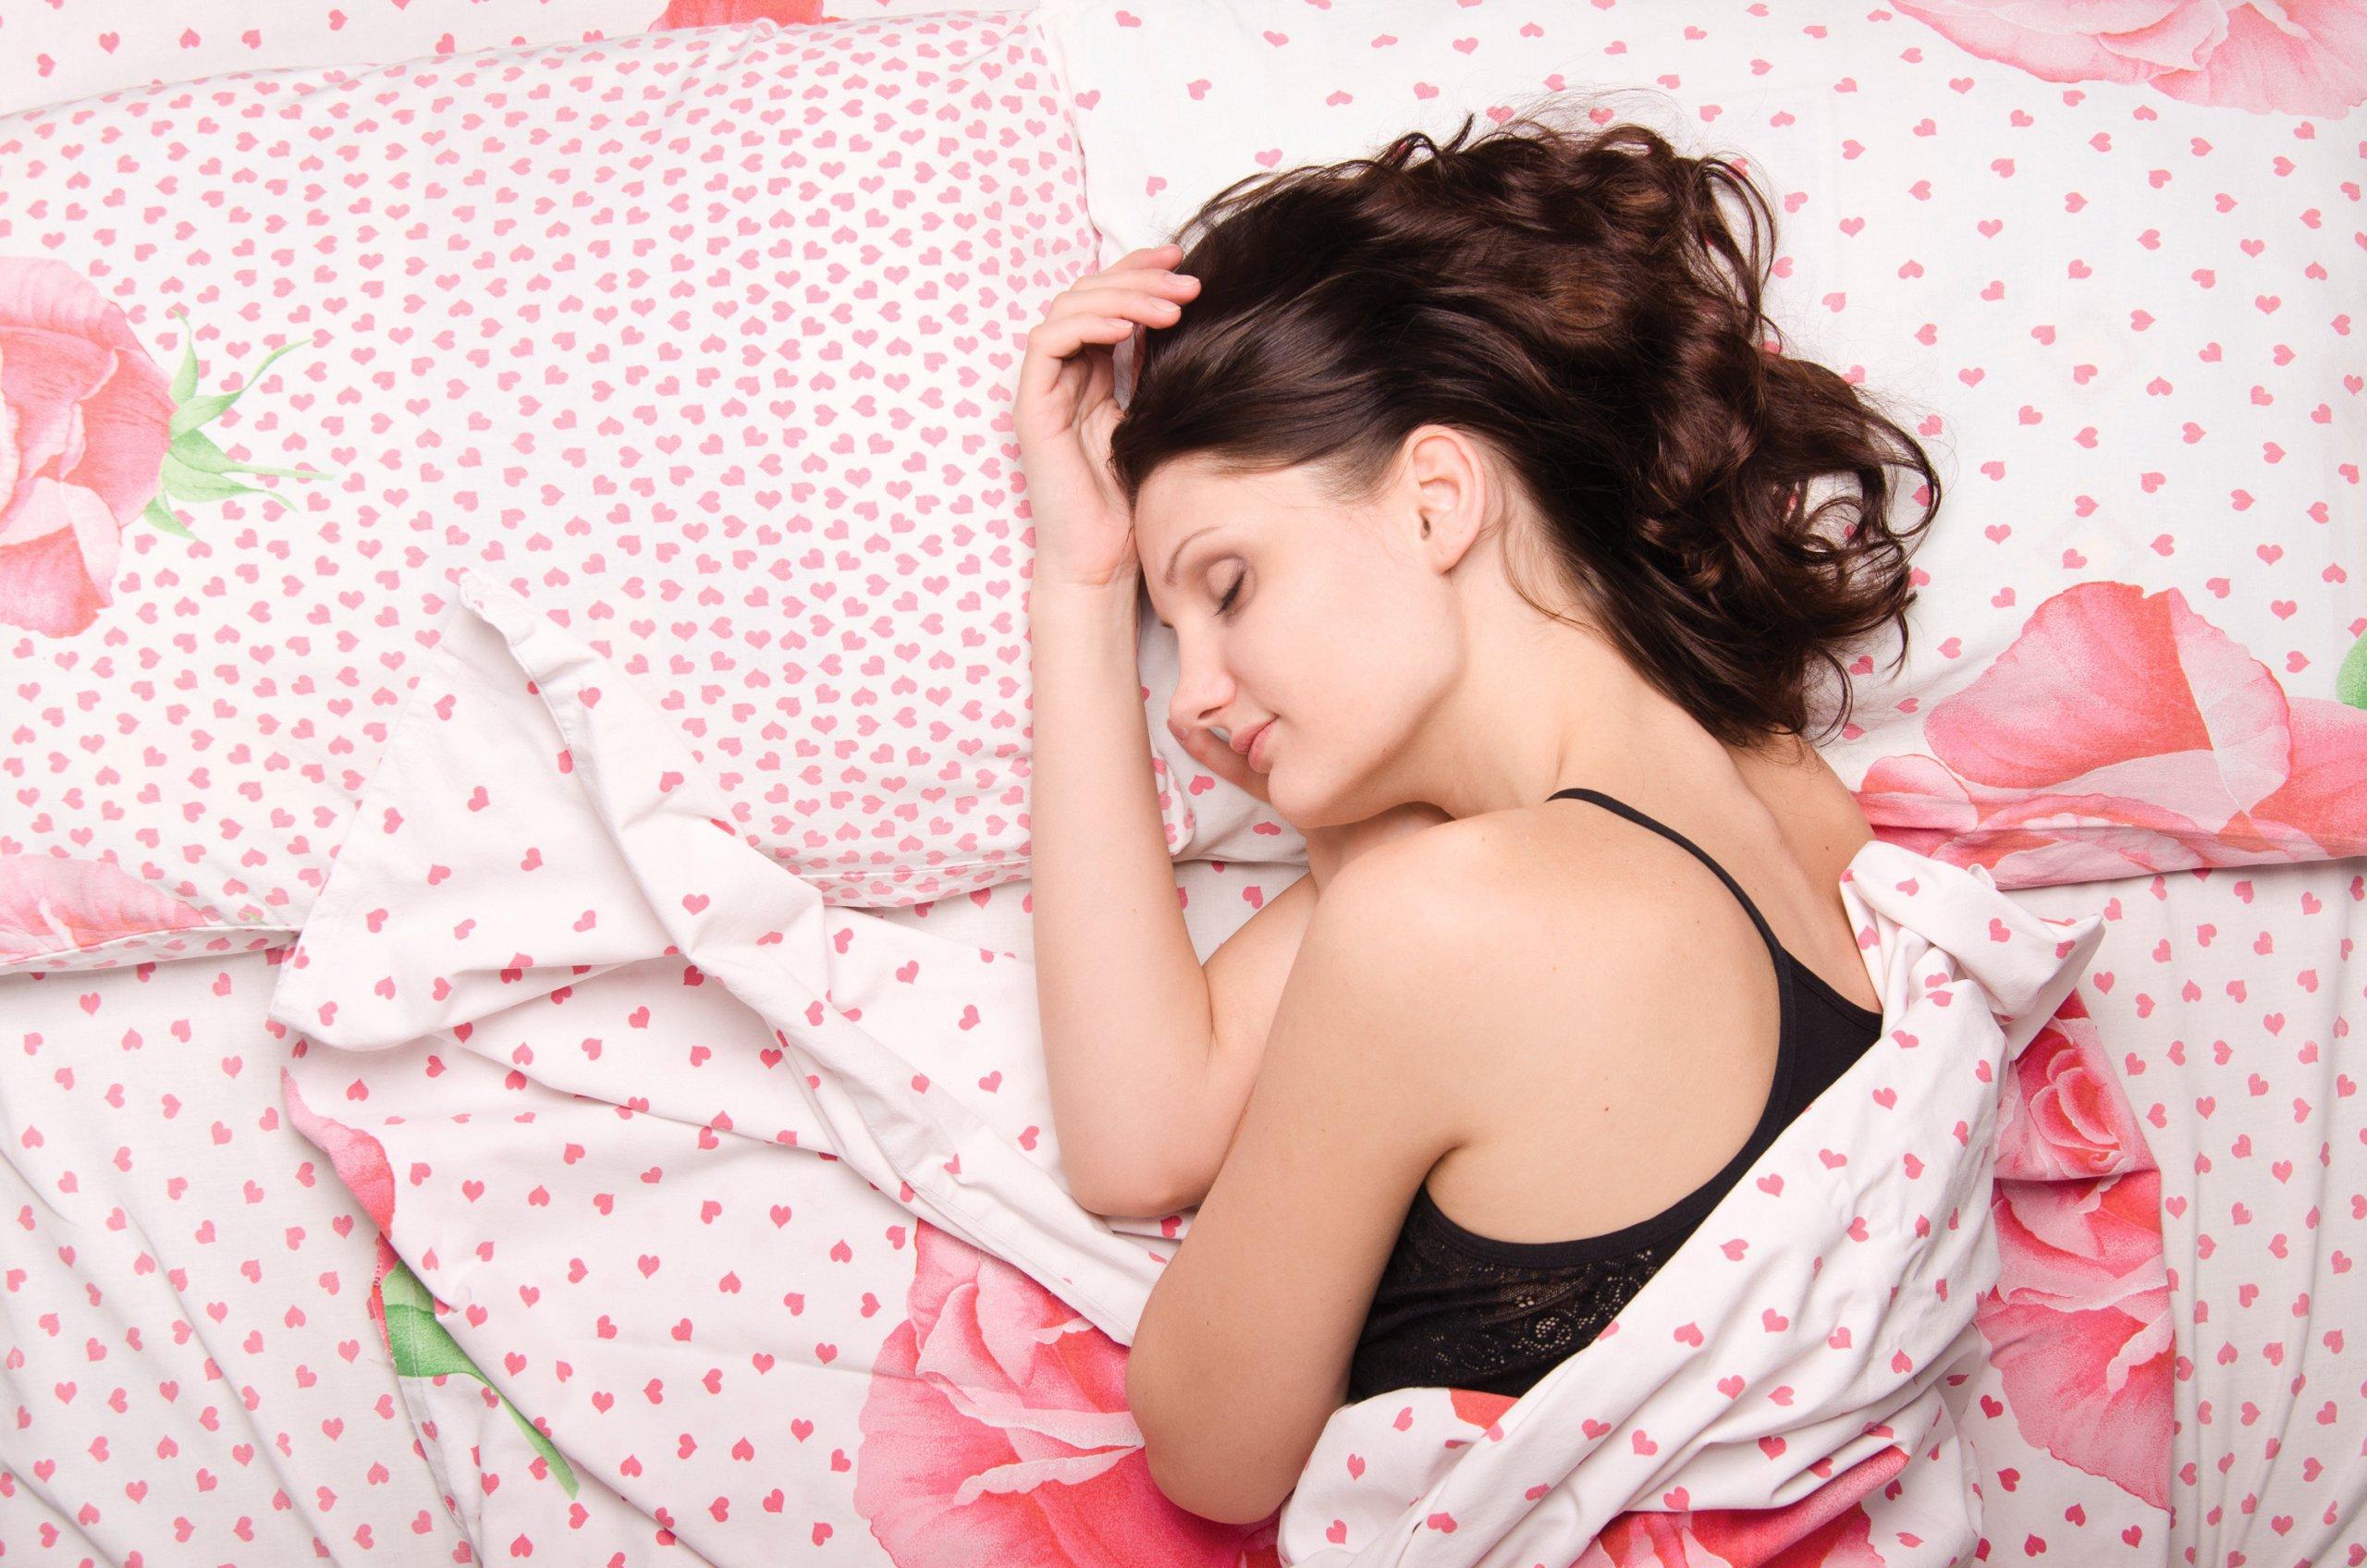 Jak vybrat správnou matraci: Průvodce, který vás dovede ke zdravému spánku